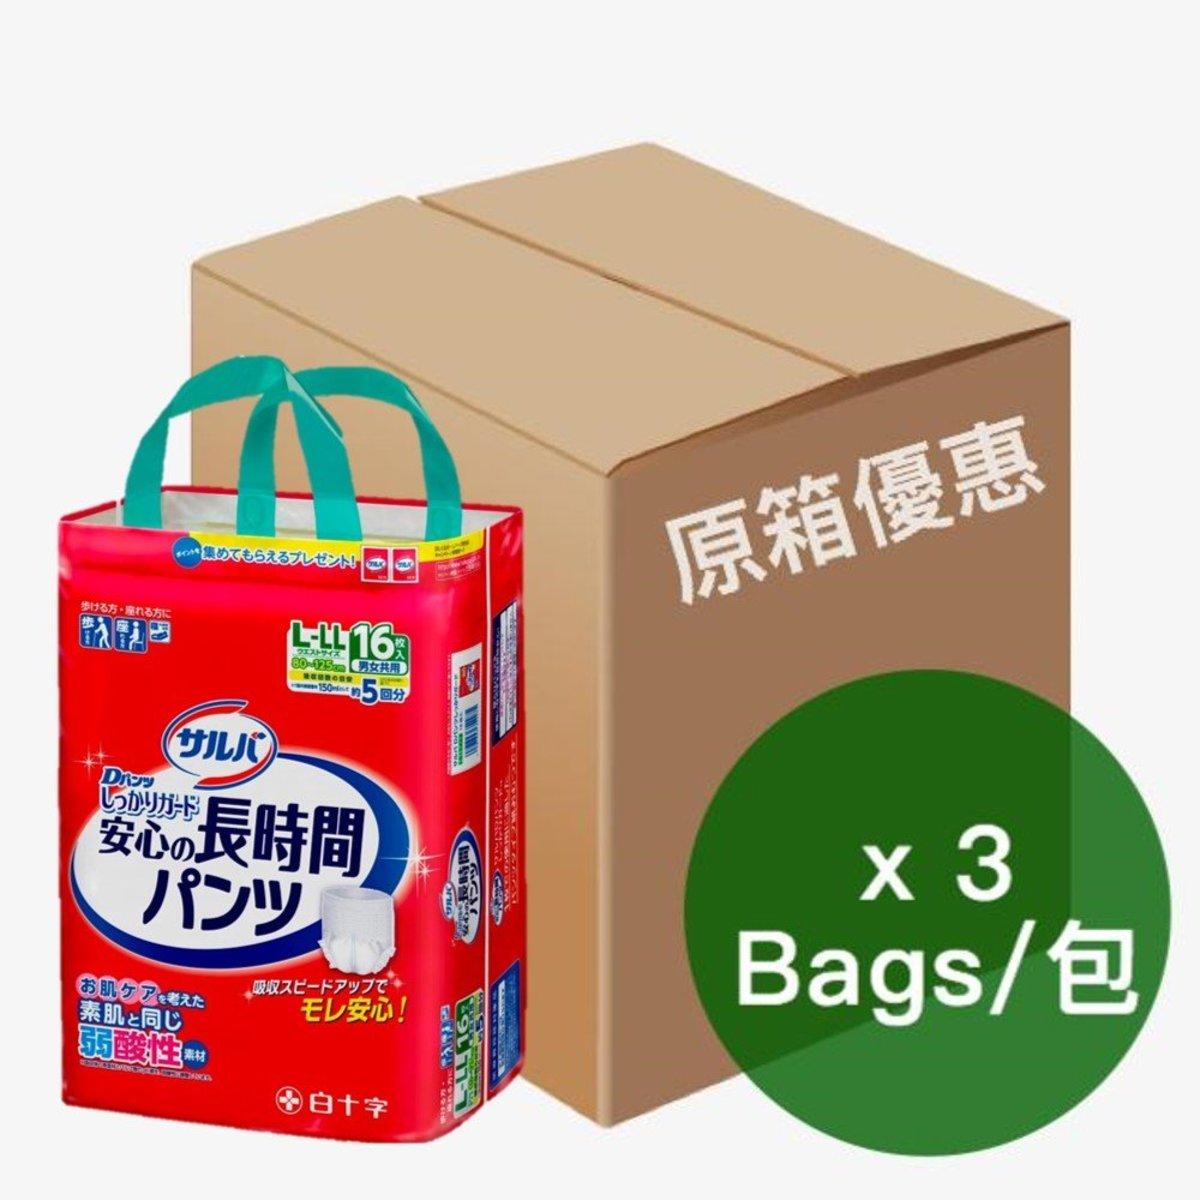 日本喜舒樂成人紙尿褲-大碼(安全防護型) (16片/包)(3包/箱) 01010198 x3